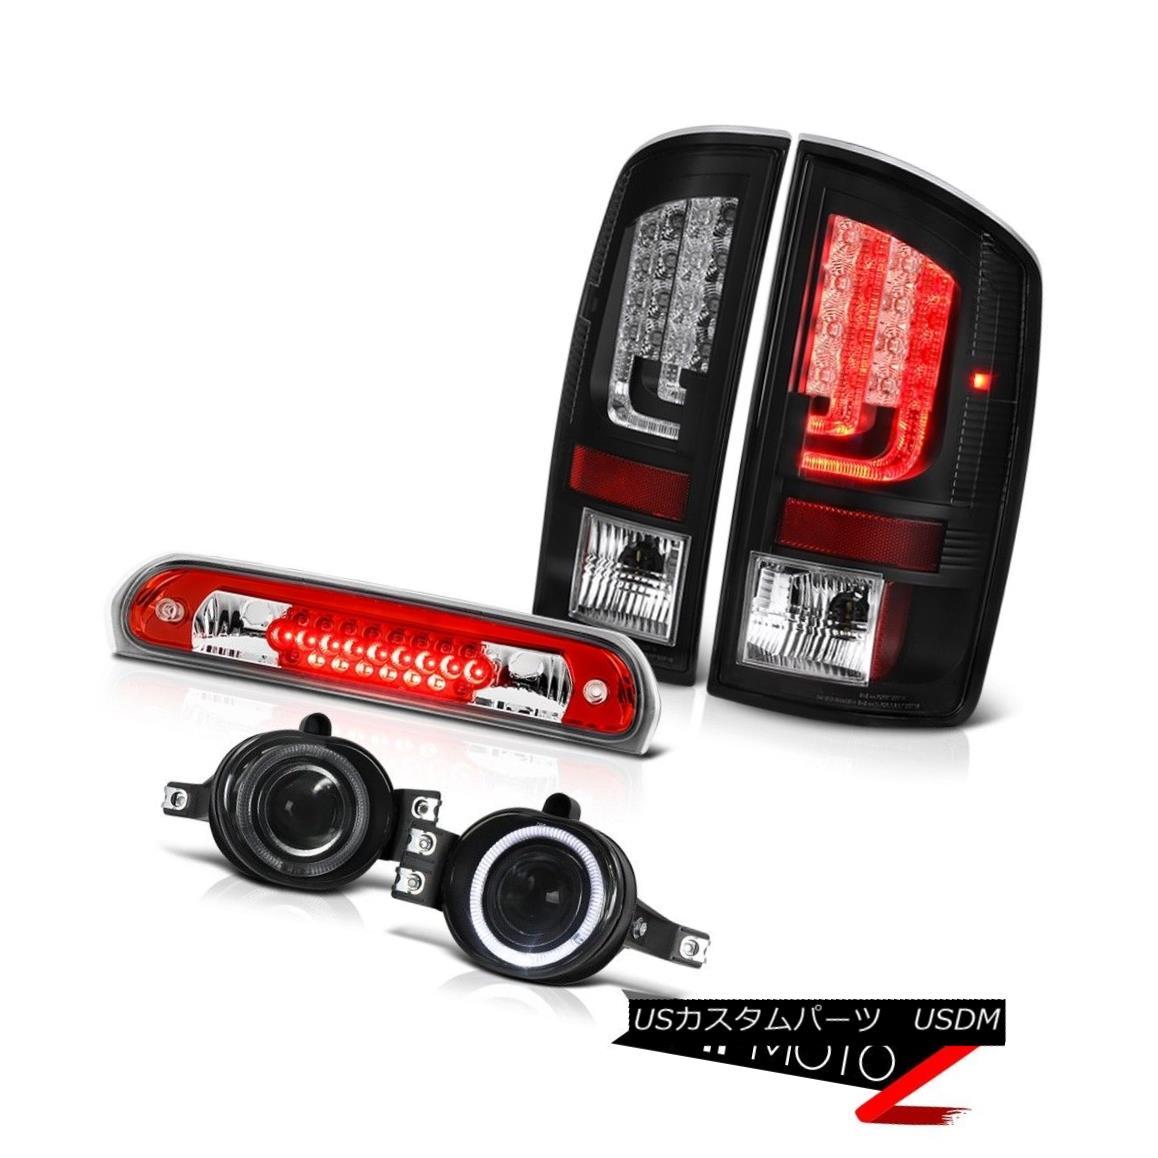 テールライト 07-08 Dodge Ram 1500 5.7L Black Tail Lights Fog Red Roof Cab Light